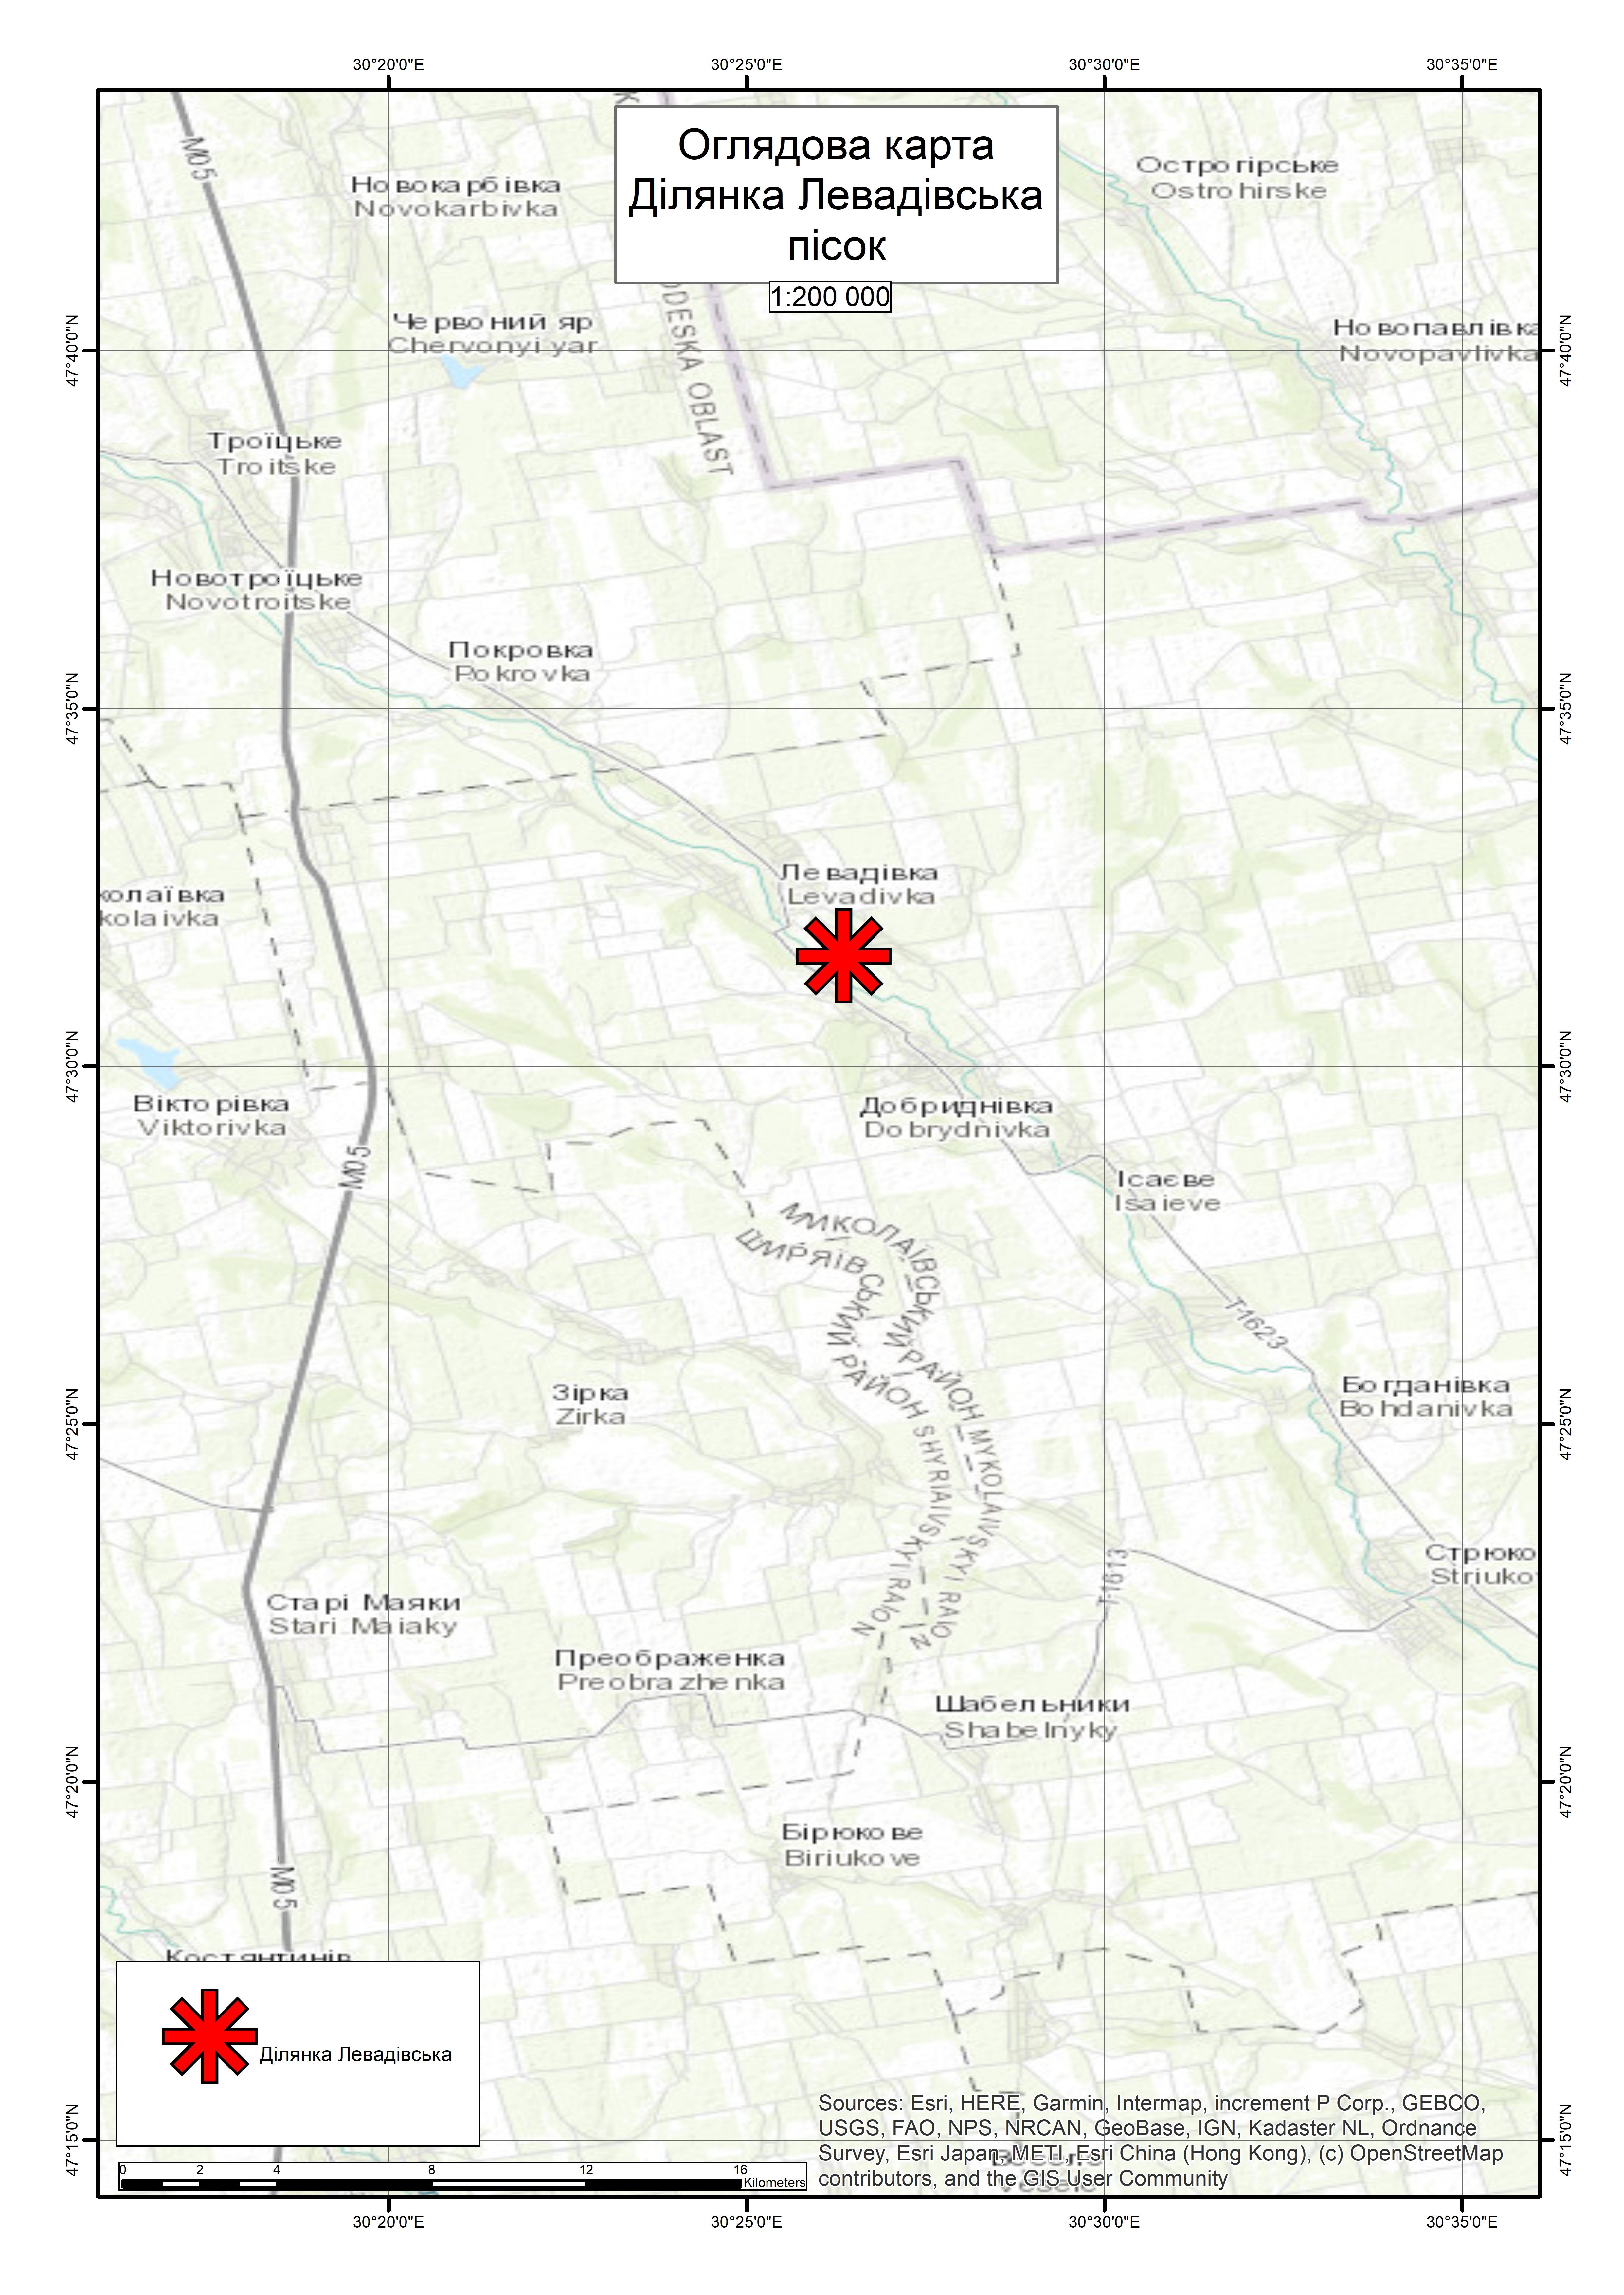 Спеціальний дозвіл на користування надрами – Ділянка Левадівська. Вартість геологічної інформації – 78 781,82 грн (з ПДВ). Вартість пакету аукціонної документації – 4 500 грн (з ПДВ).